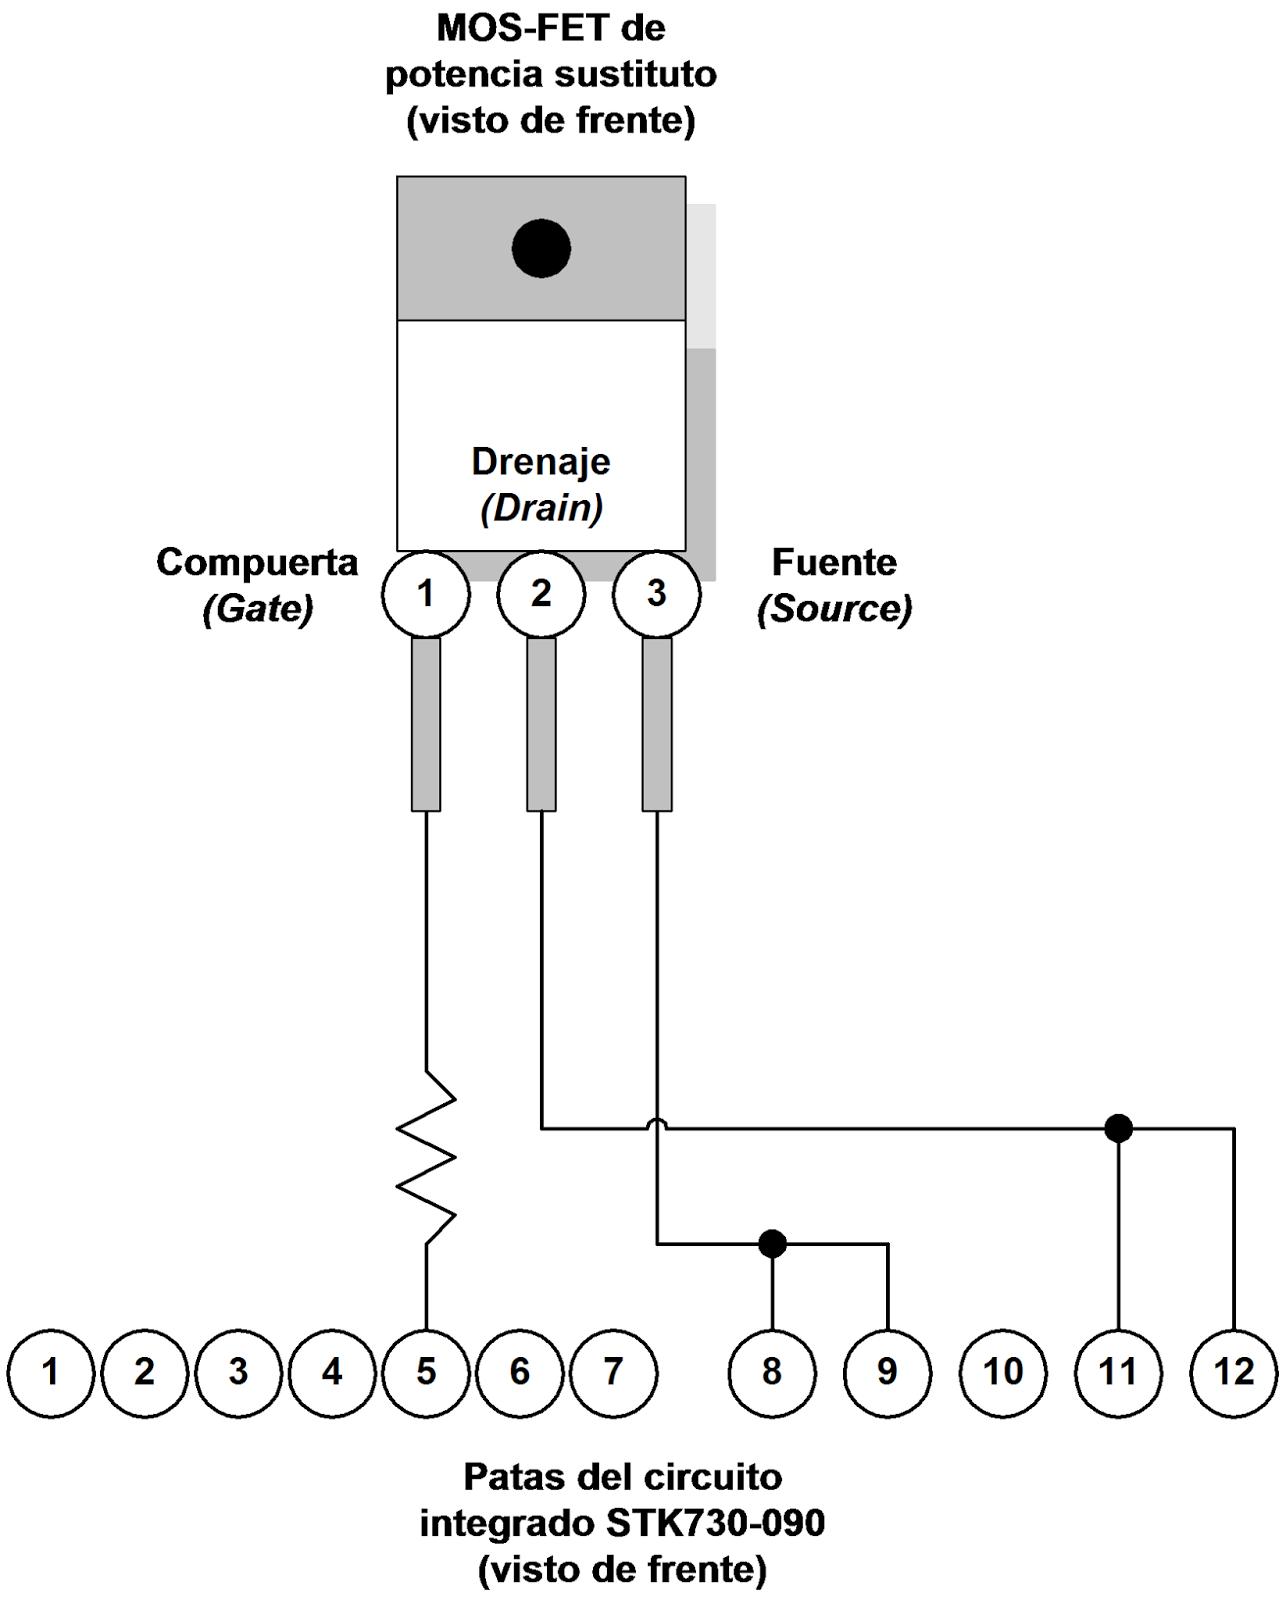 Esquema de conexión del MOS-FET sustituto en el circuito integrado STK730-090.